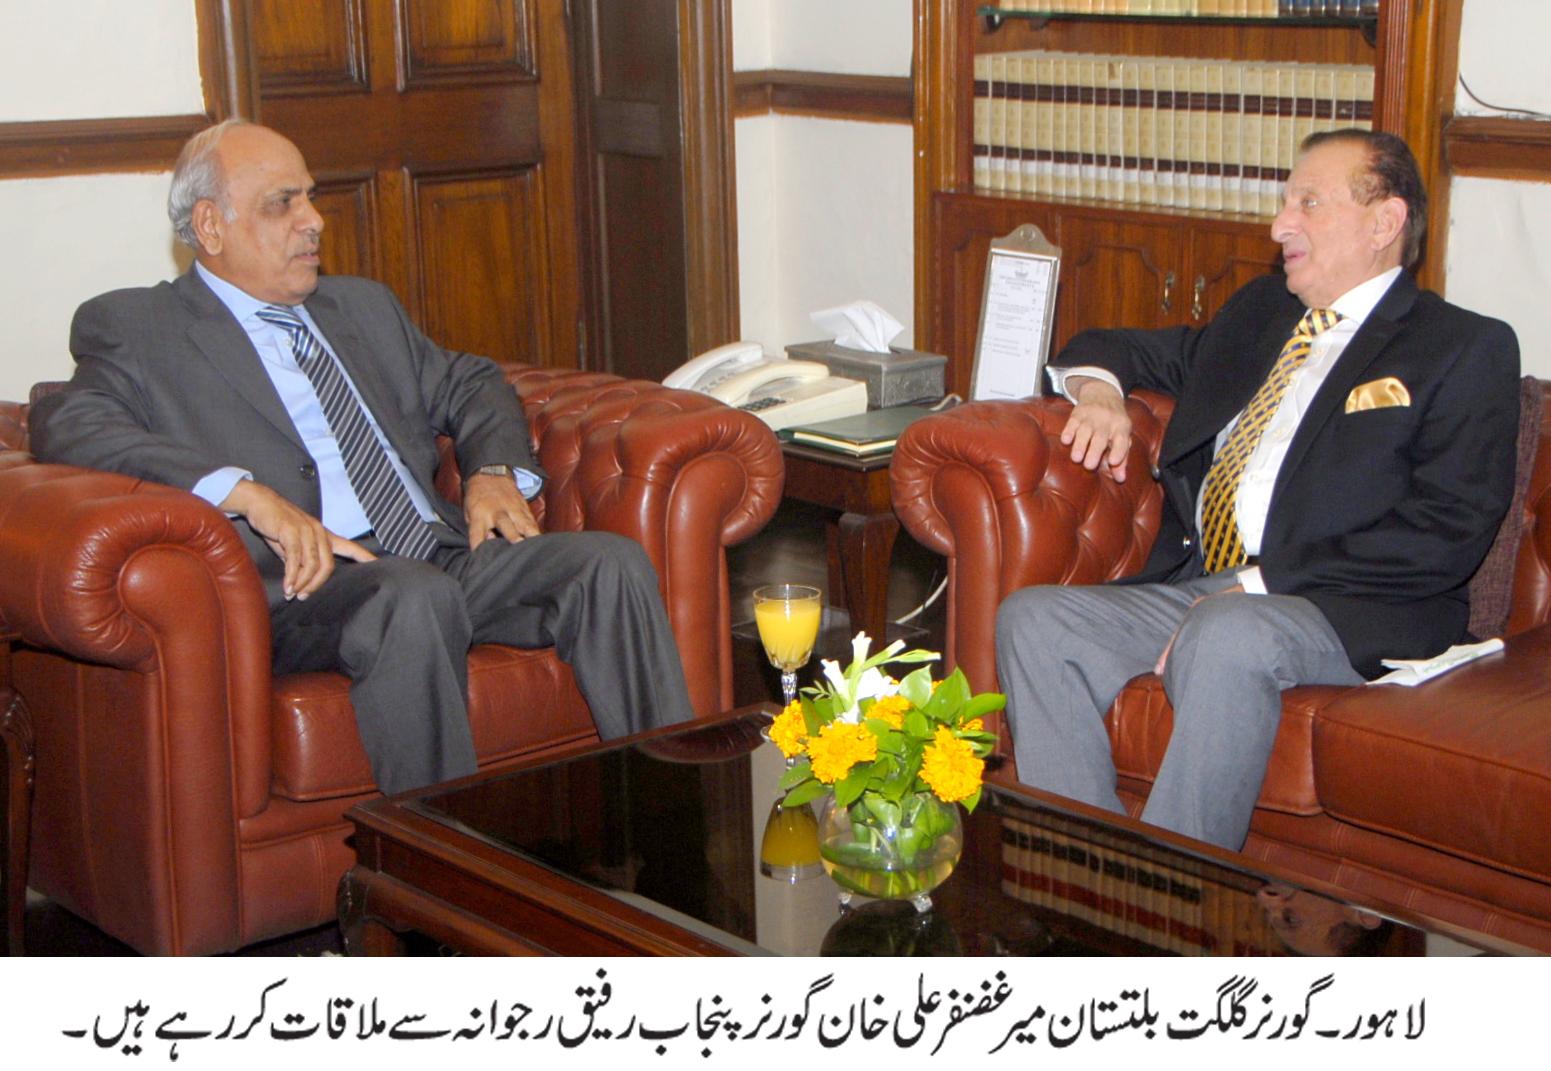 گور نر میر غضنفر علی خان سے گور نر پنجاب کی ملاقات